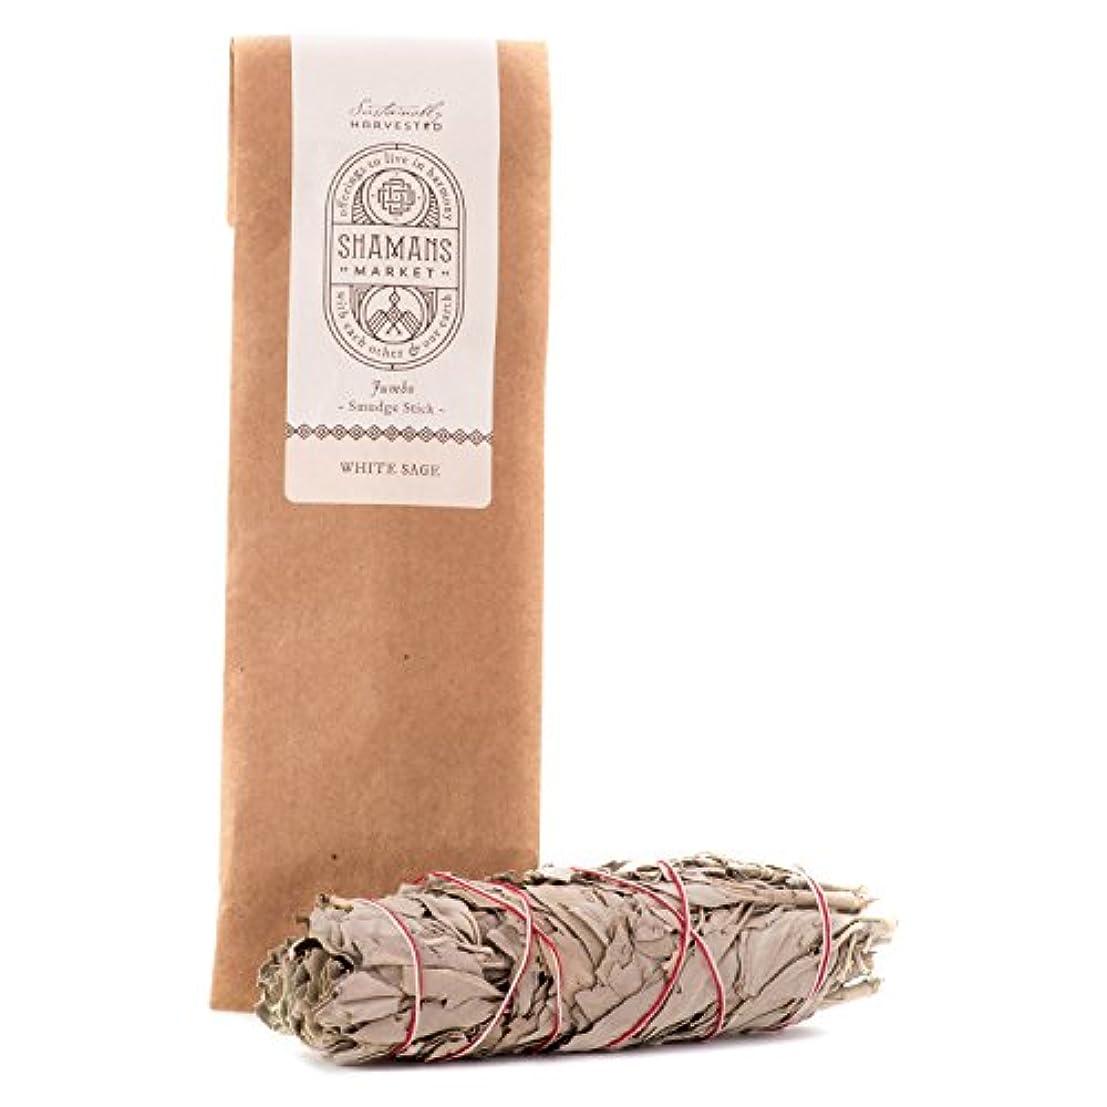 ジョセフバンクスパース拍手White Sage Jumbo Smudge Stick - 8-9 in. by Shamans Market